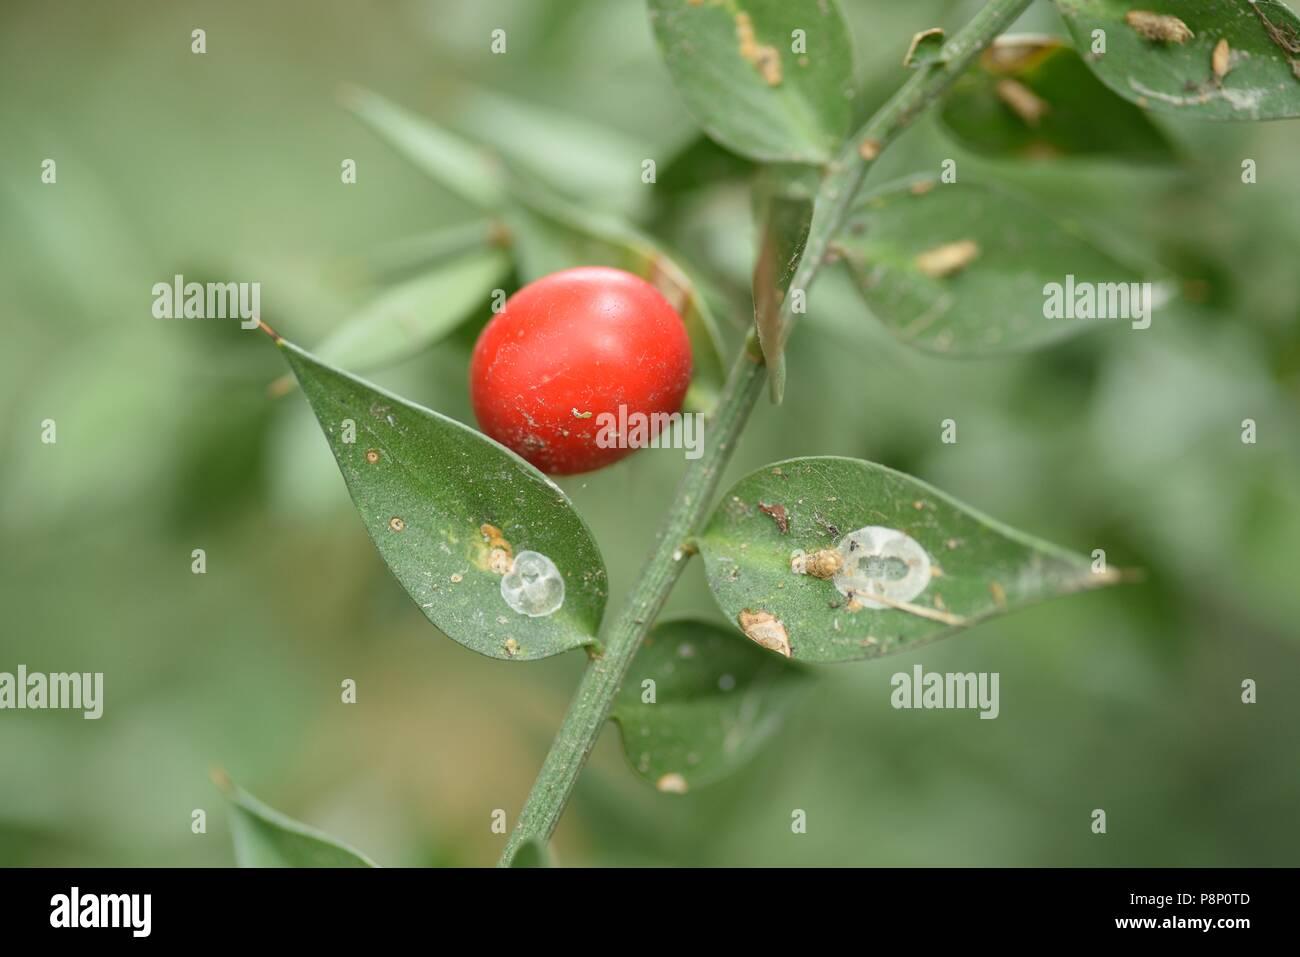 Fruchtkörper Mäusedorn Stockbild